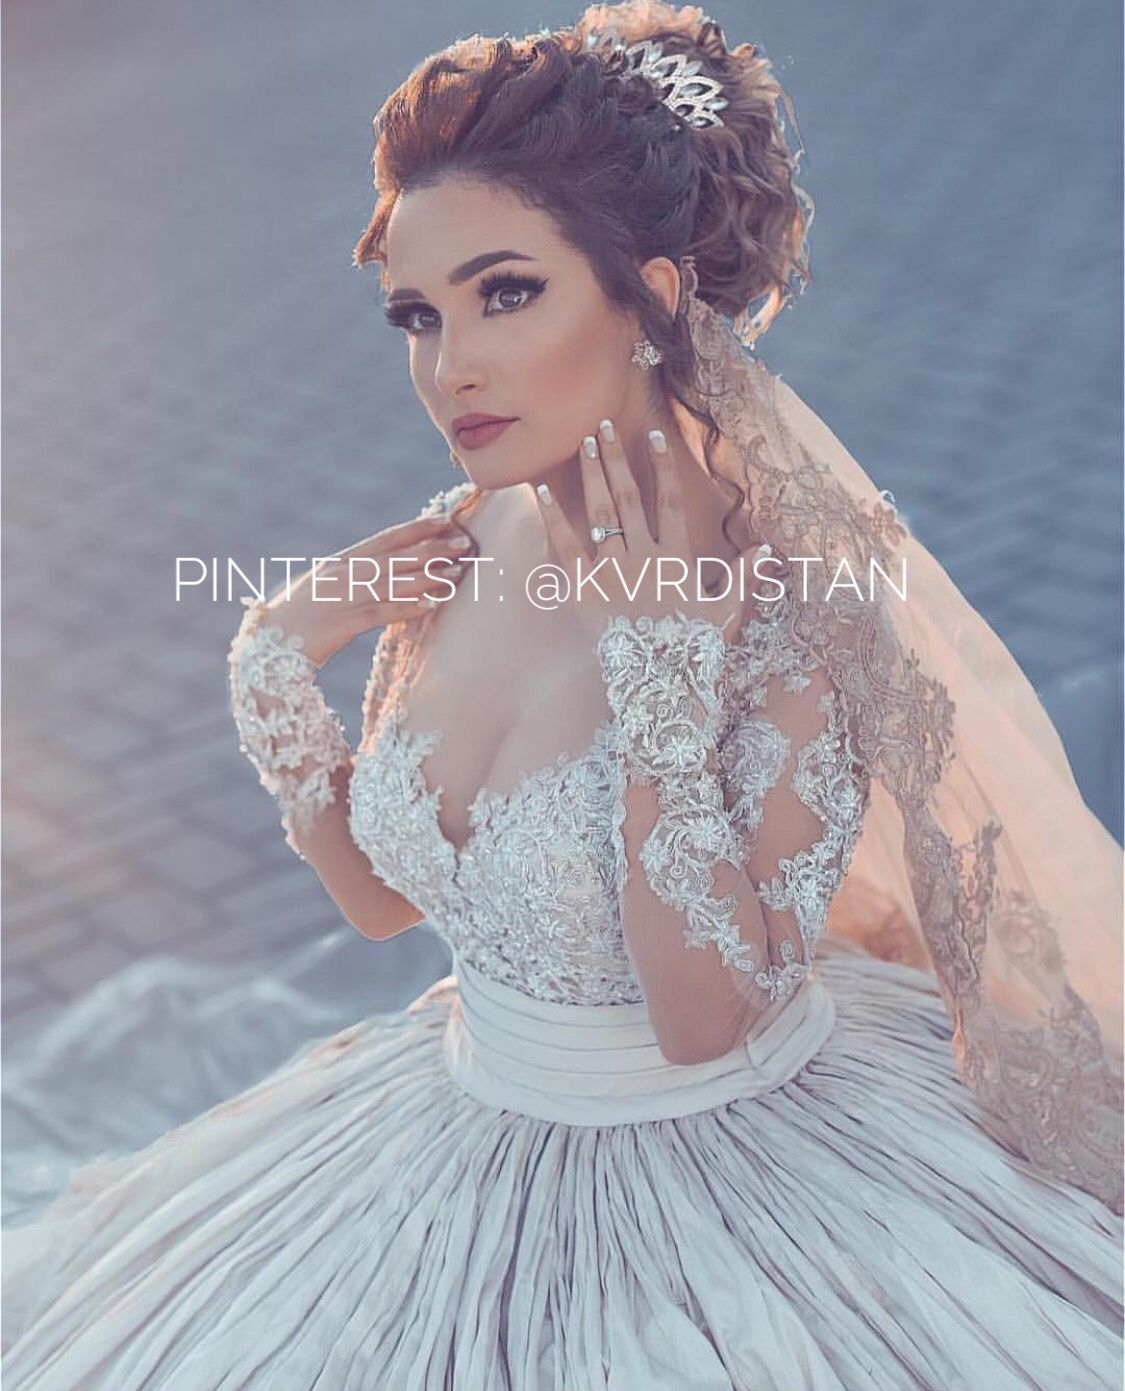 Kurdish bride Pinterest: @kvrdistan | Hochzeit | Pinterest | Wedding ...